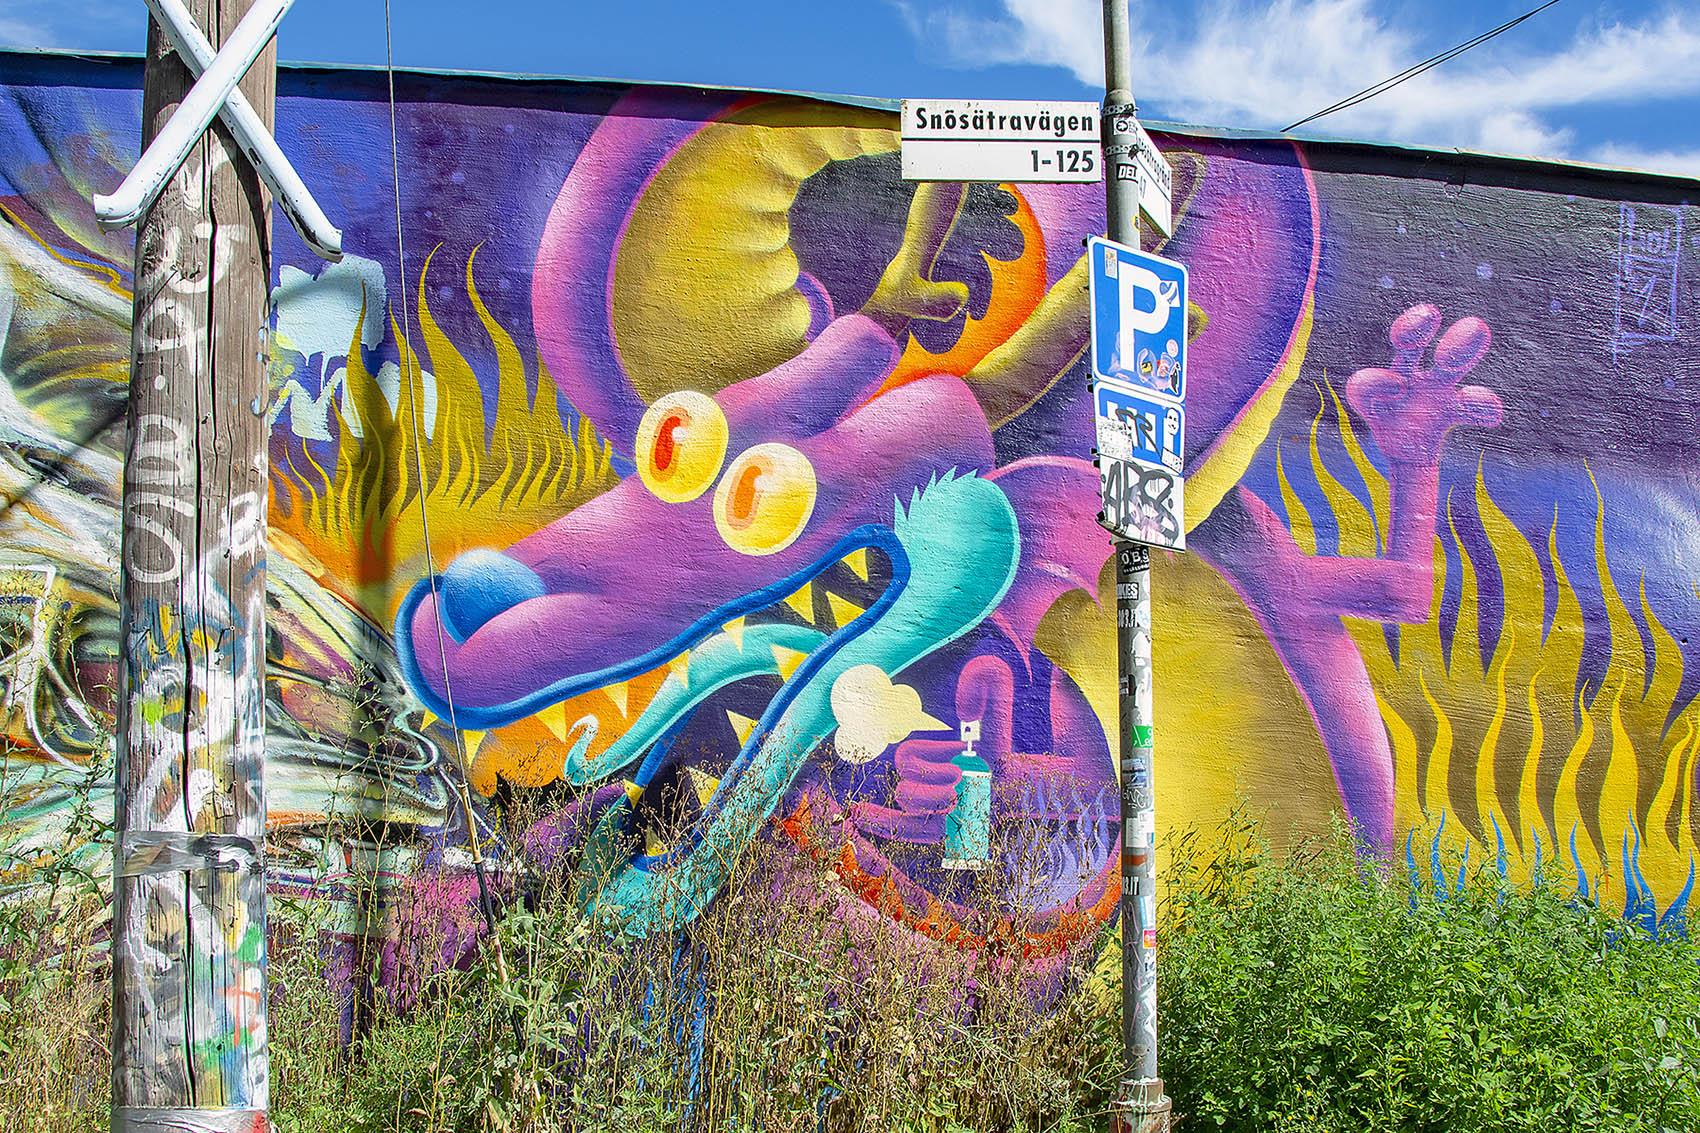 Snösätra gatukonst graffiti Street art Snösätravägen